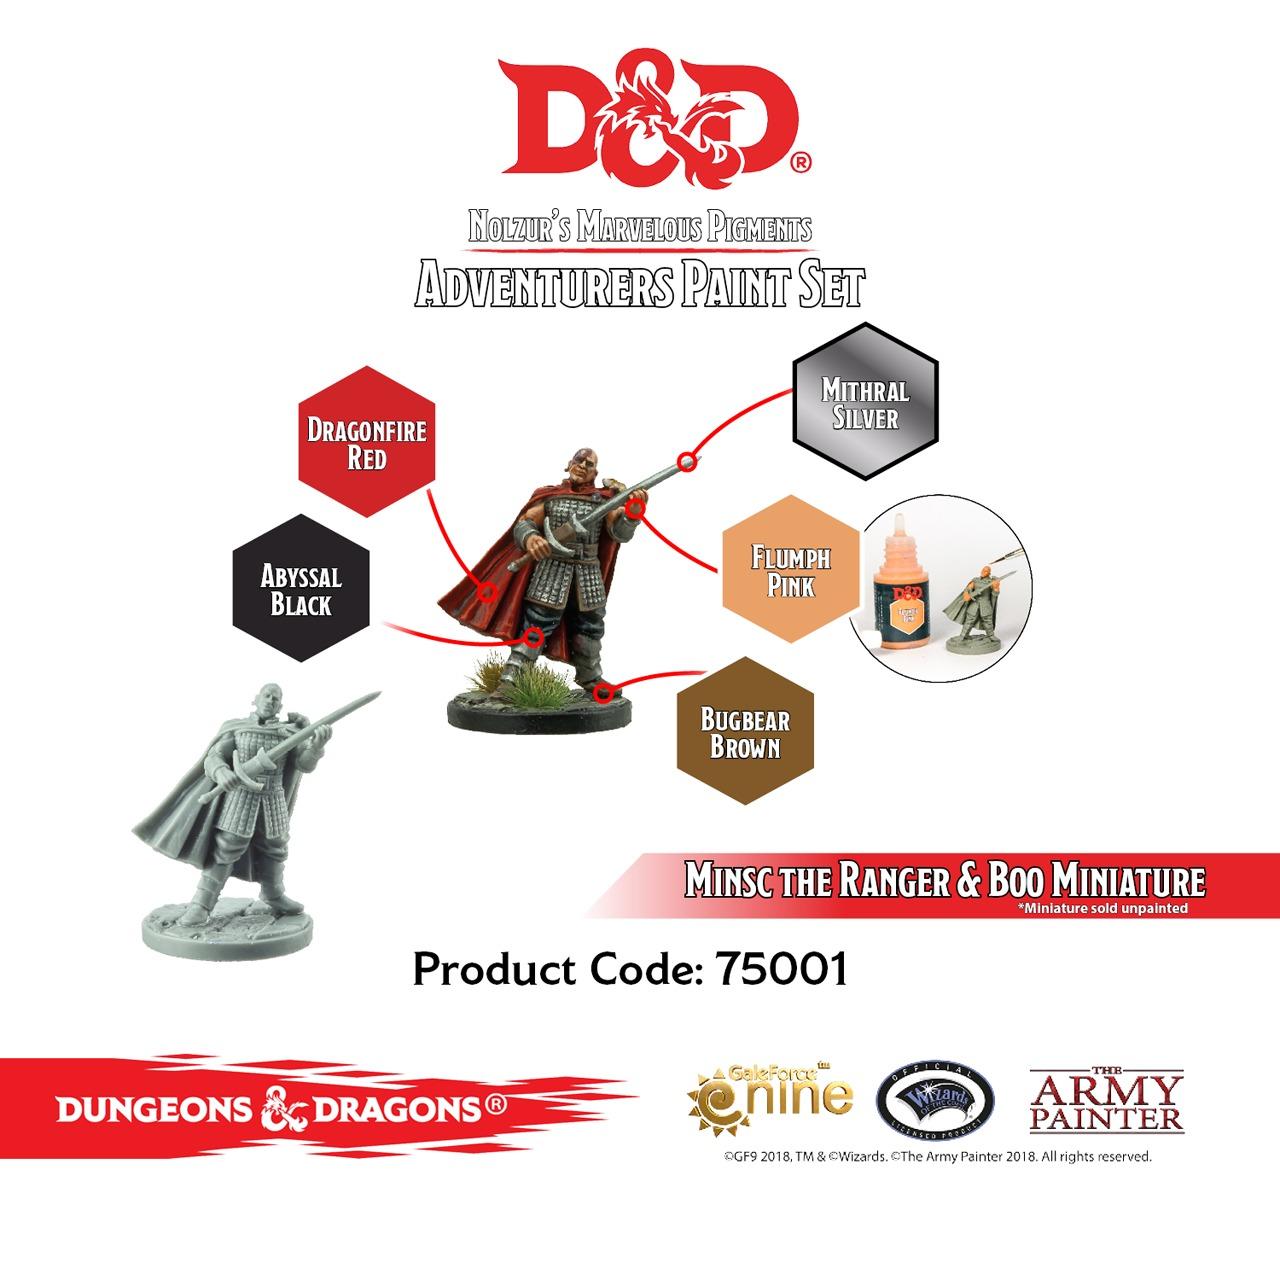 Army Painter D&D Adventurers Paint Set image